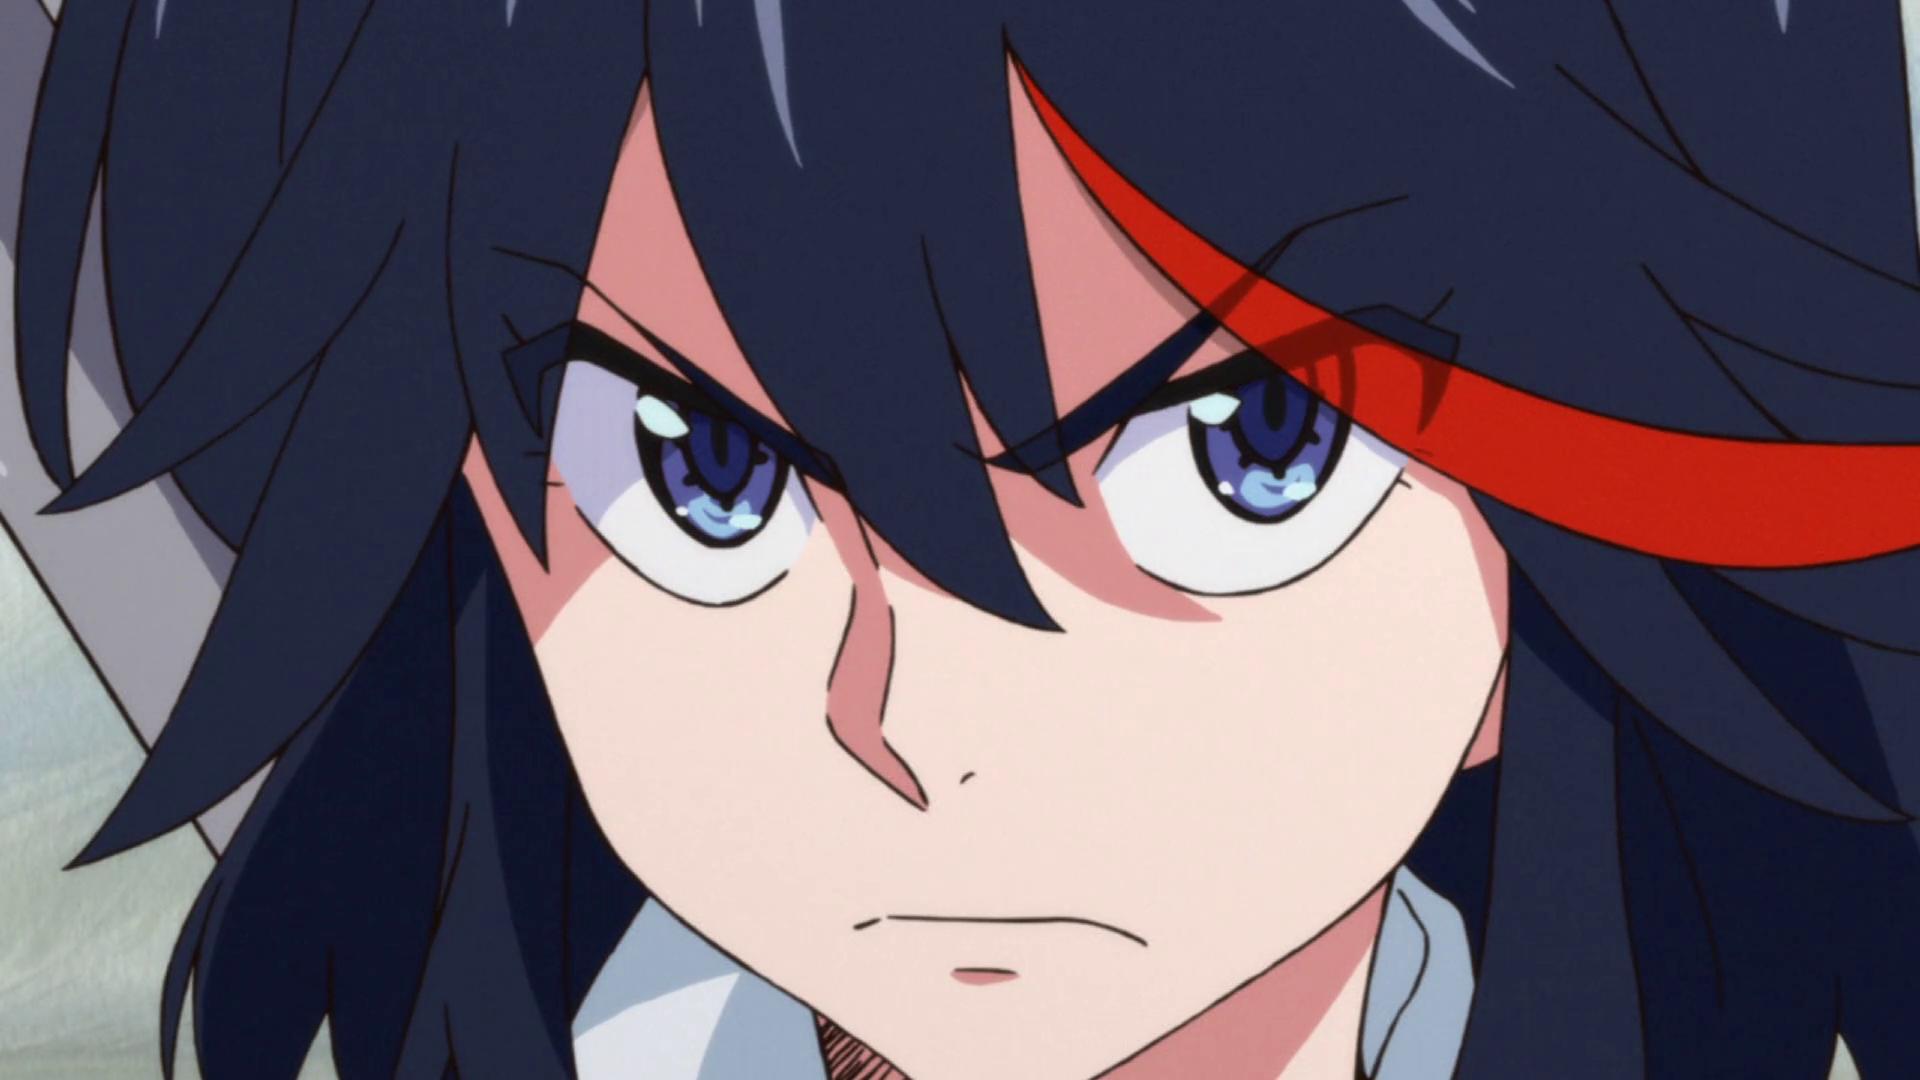 Ryuko97Matoi